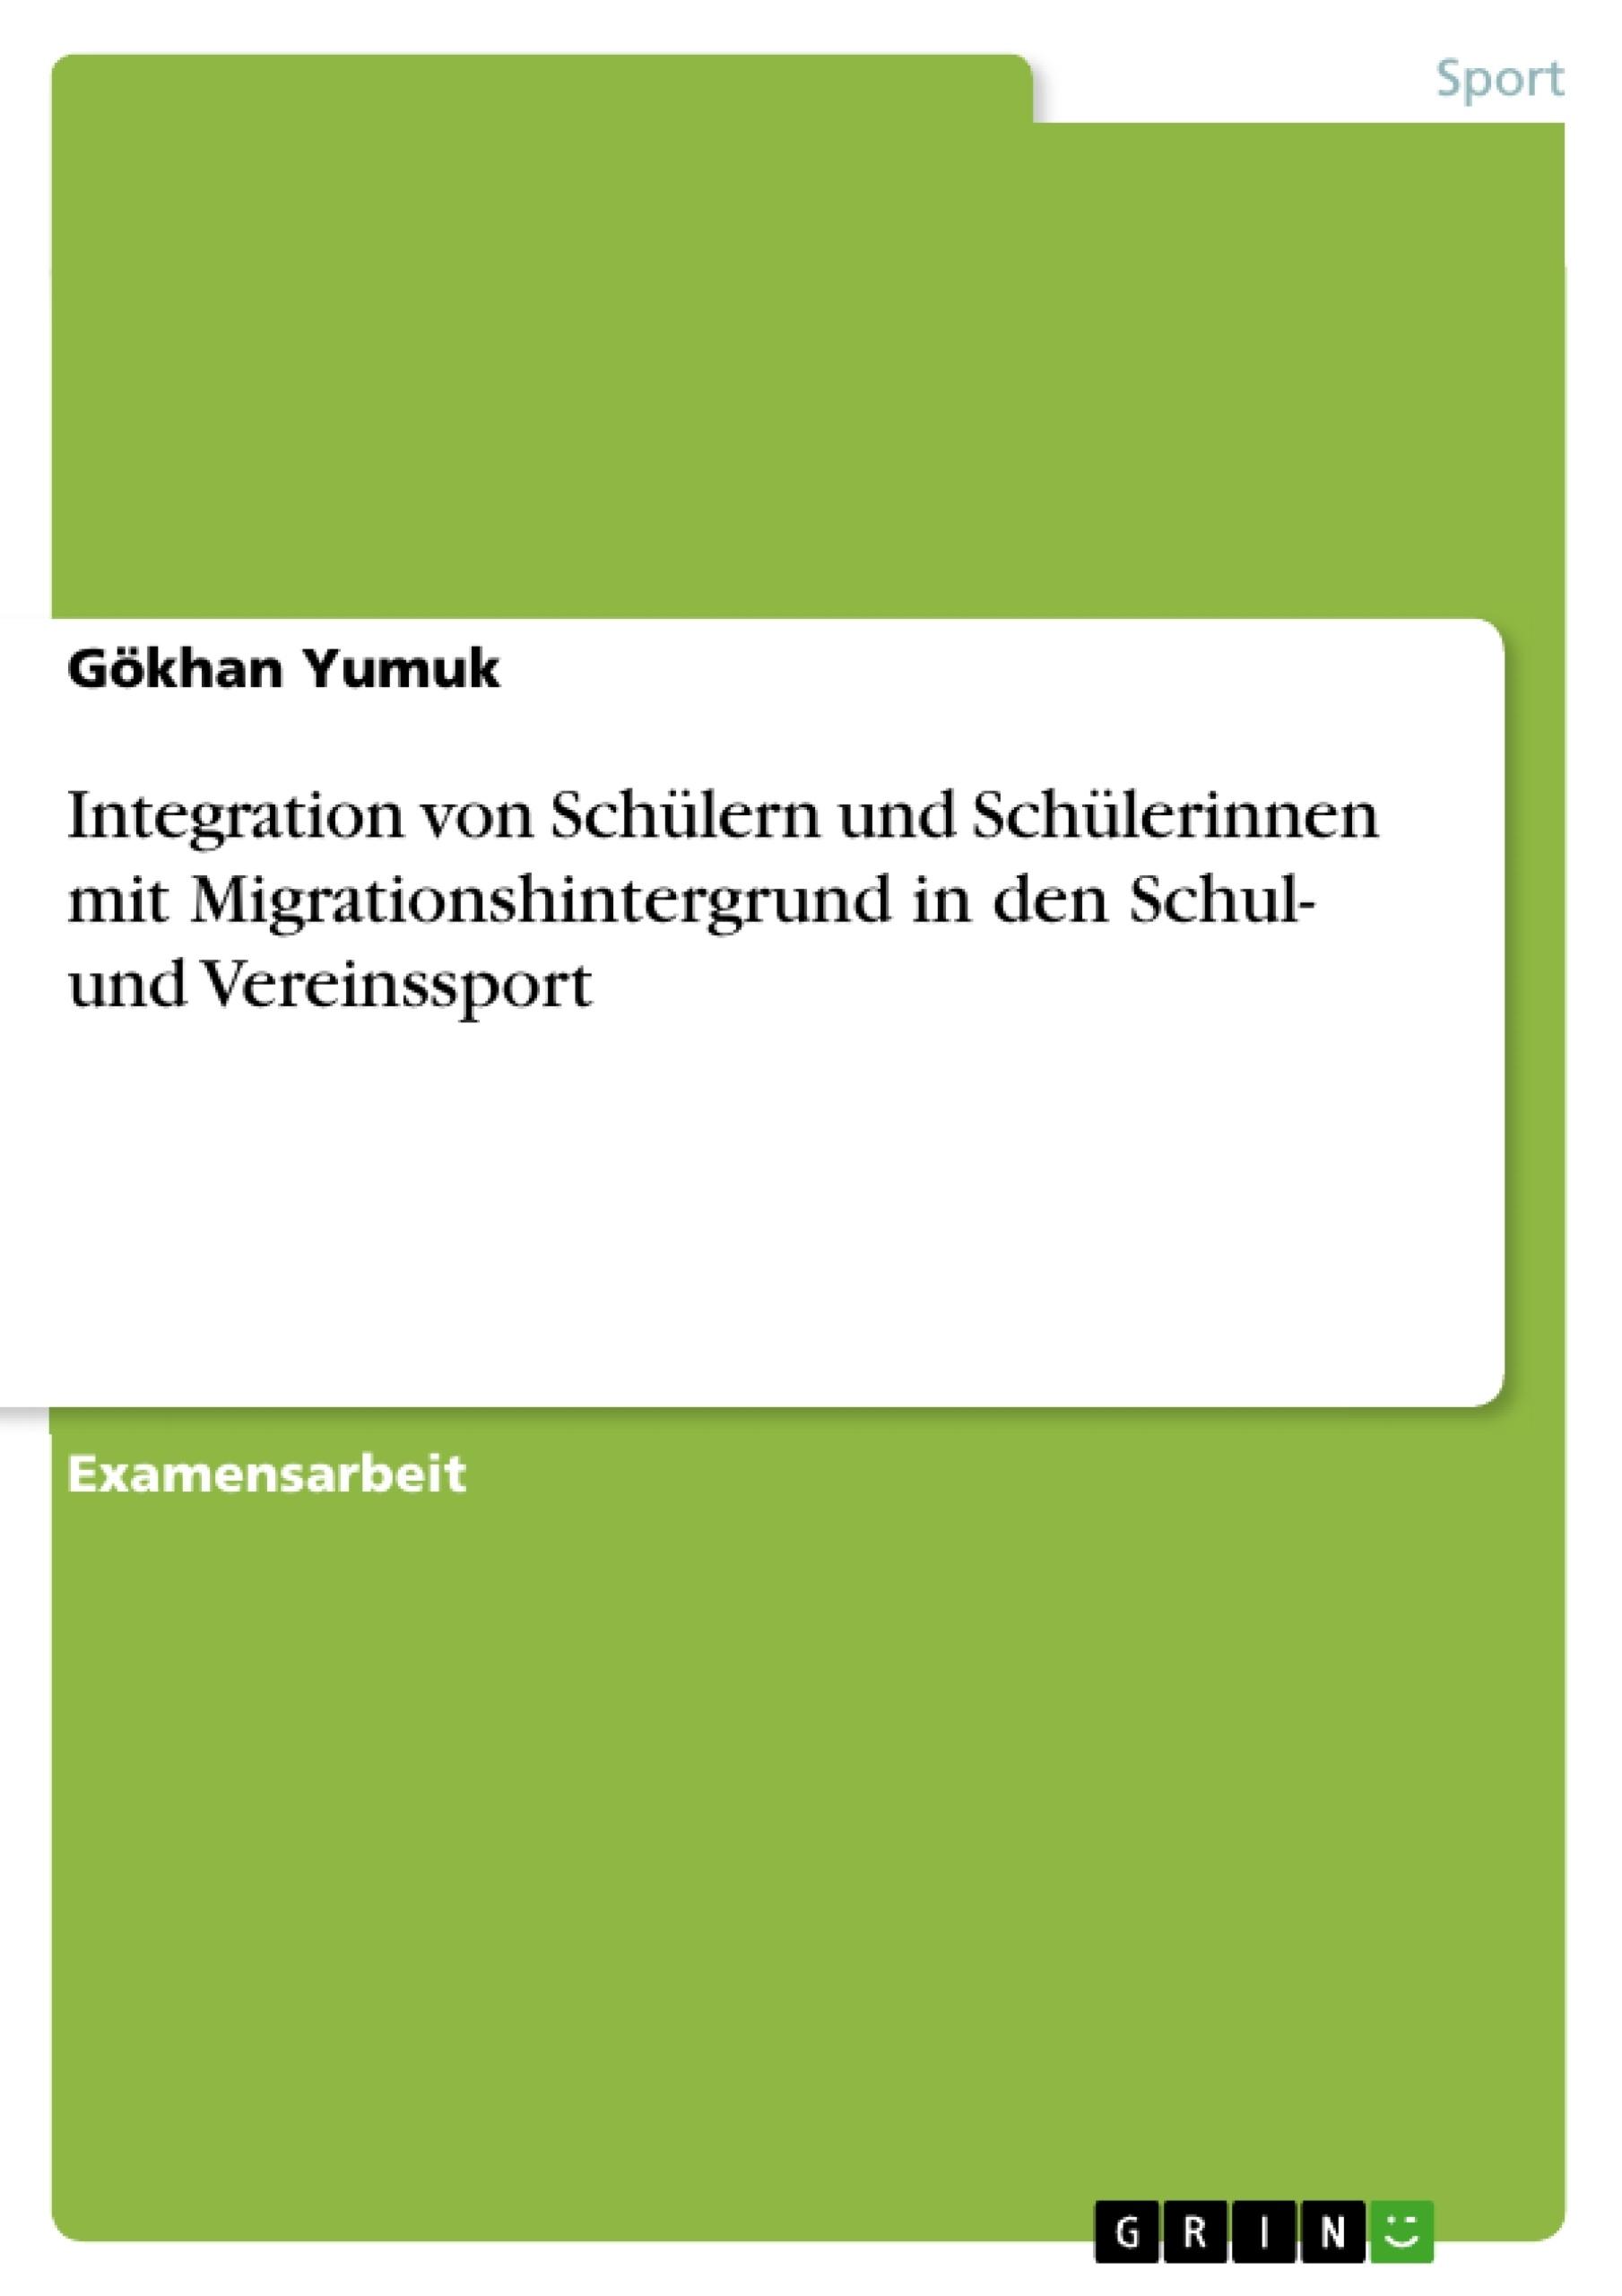 Titel: Integration von Schülern und Schülerinnen mit Migrationshintergrund in den Schul- und Vereinssport